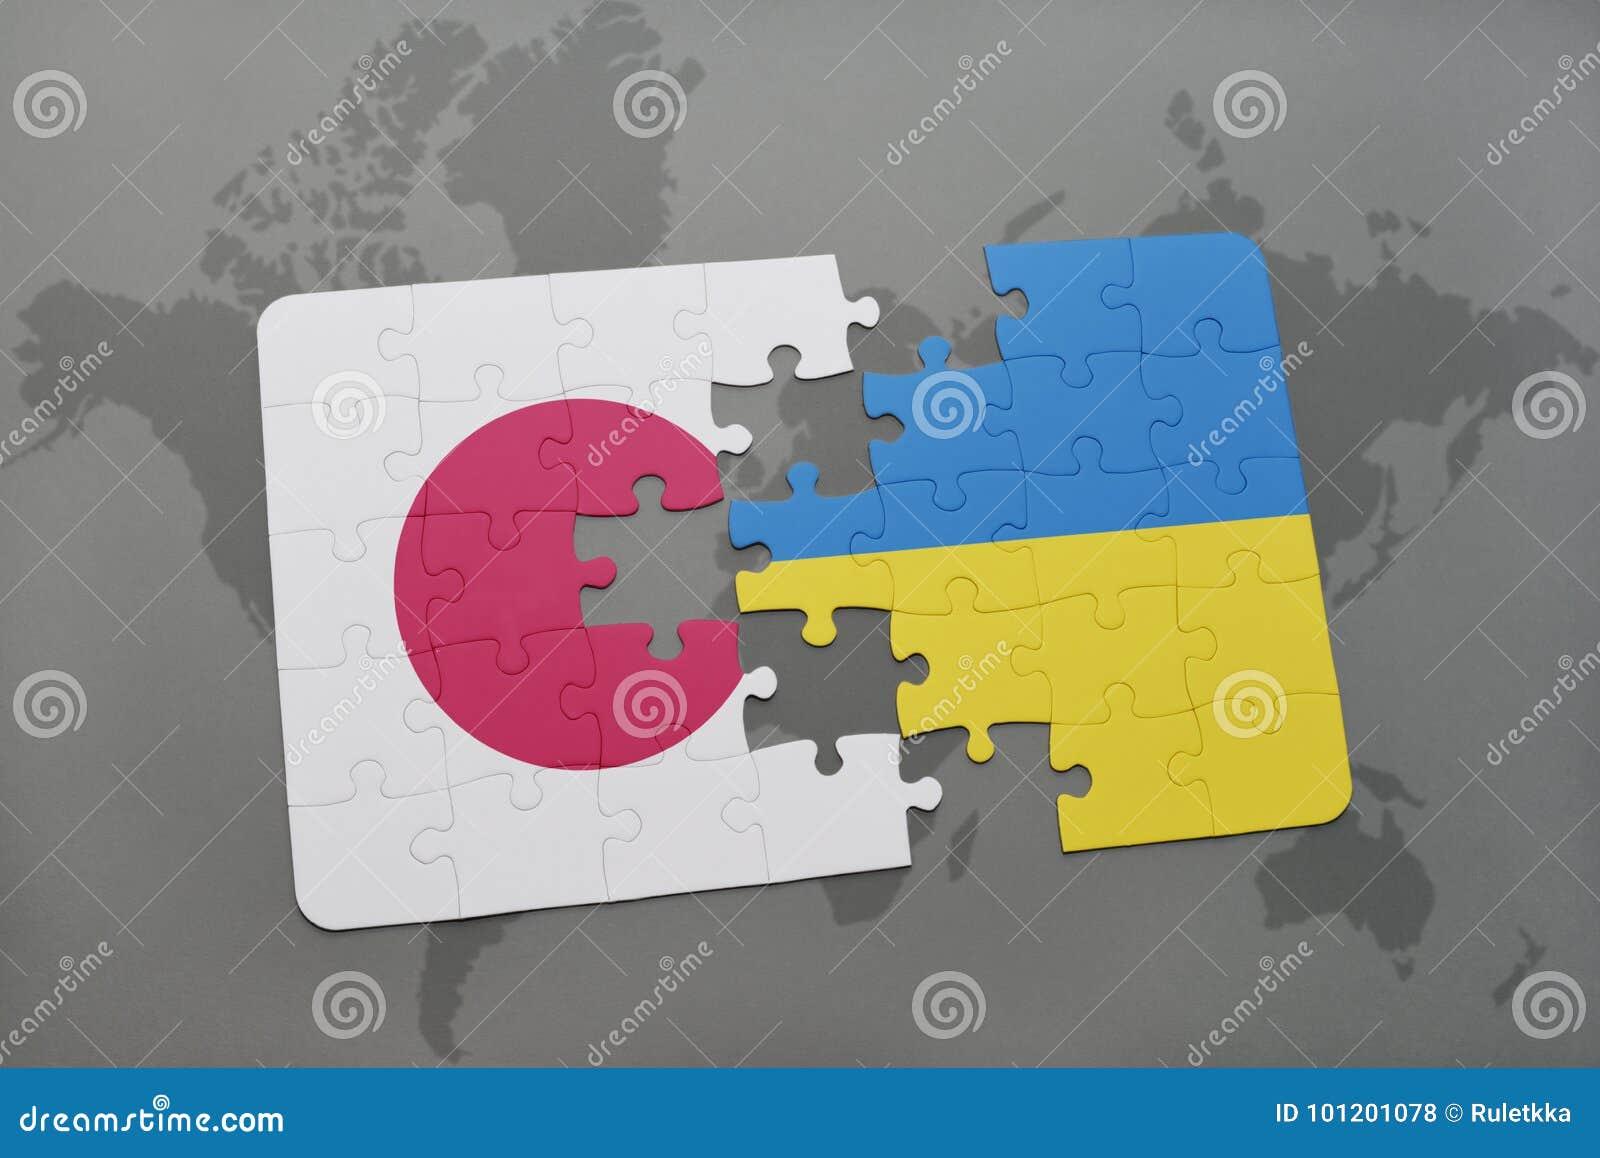 Het raadsel met de nationale vlag van Japan en de Oekraïne op een wereld brengen achtergrond in kaart